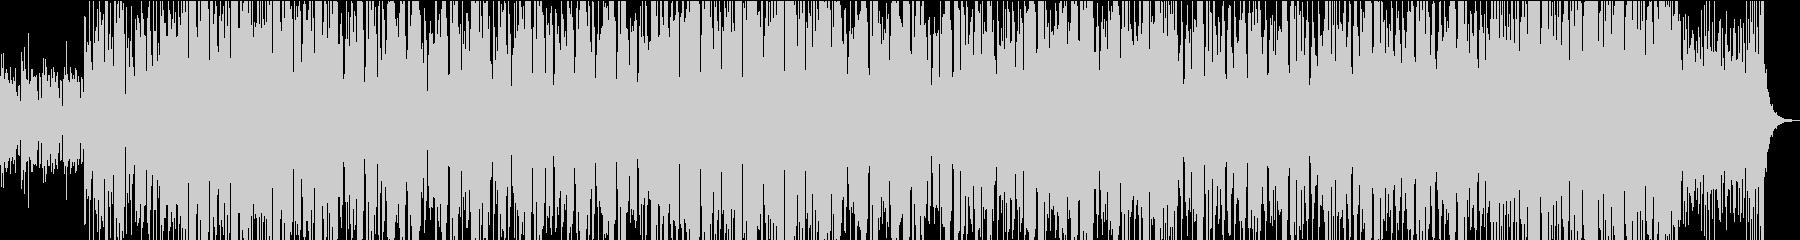 二胡による和風・中華風EDM Part1の未再生の波形